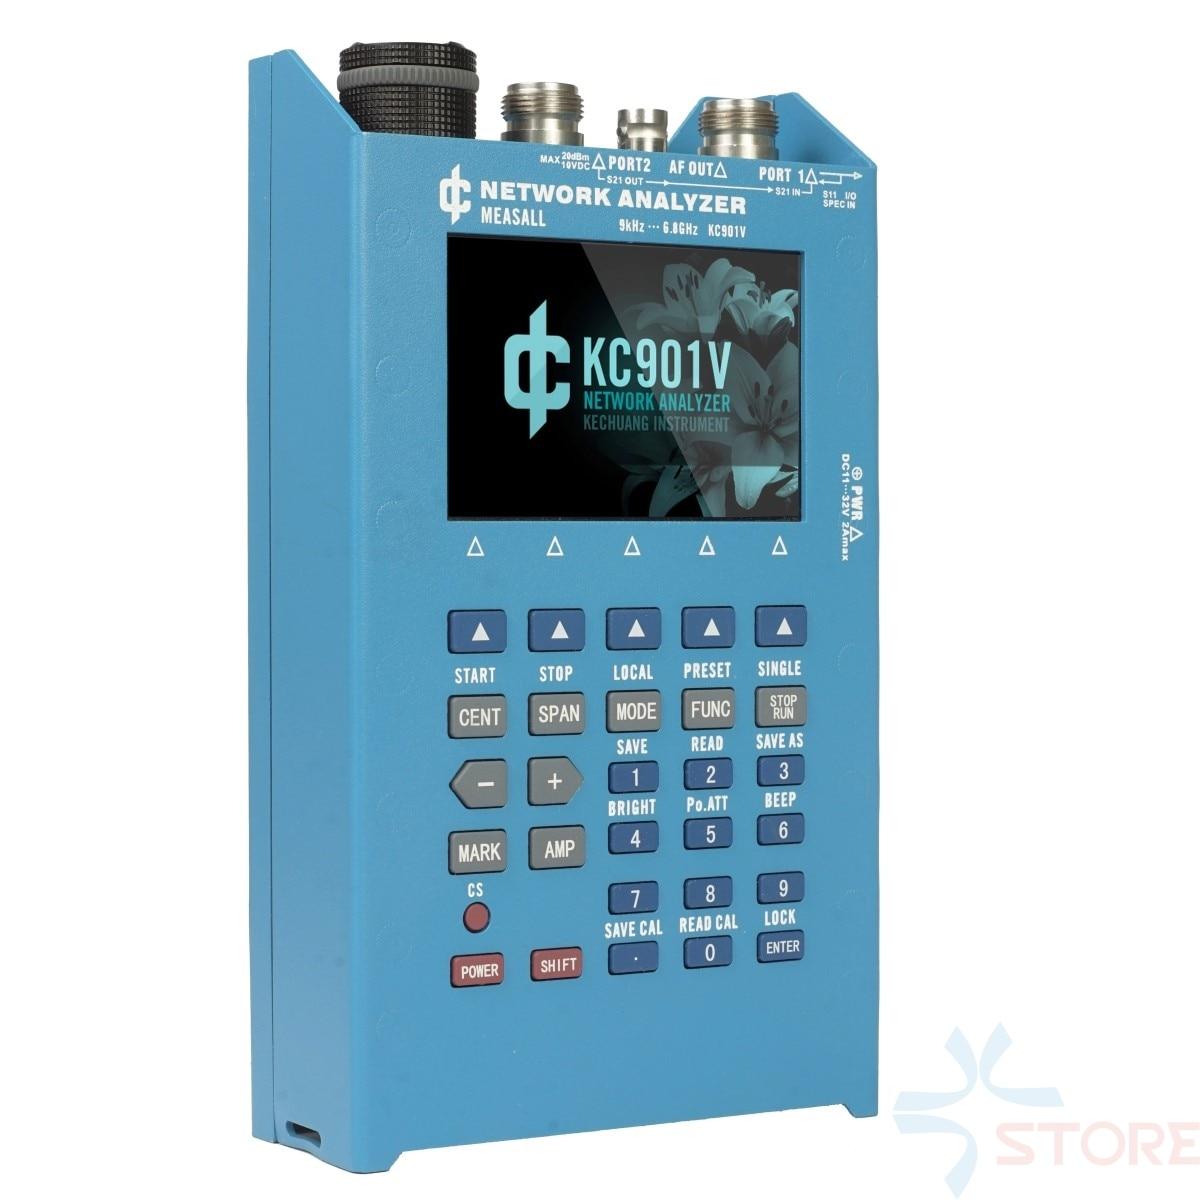 KC901V 6.8 ГГц ручной анализатор сети rf мультиметр Векторный анализатор день подачи анализа